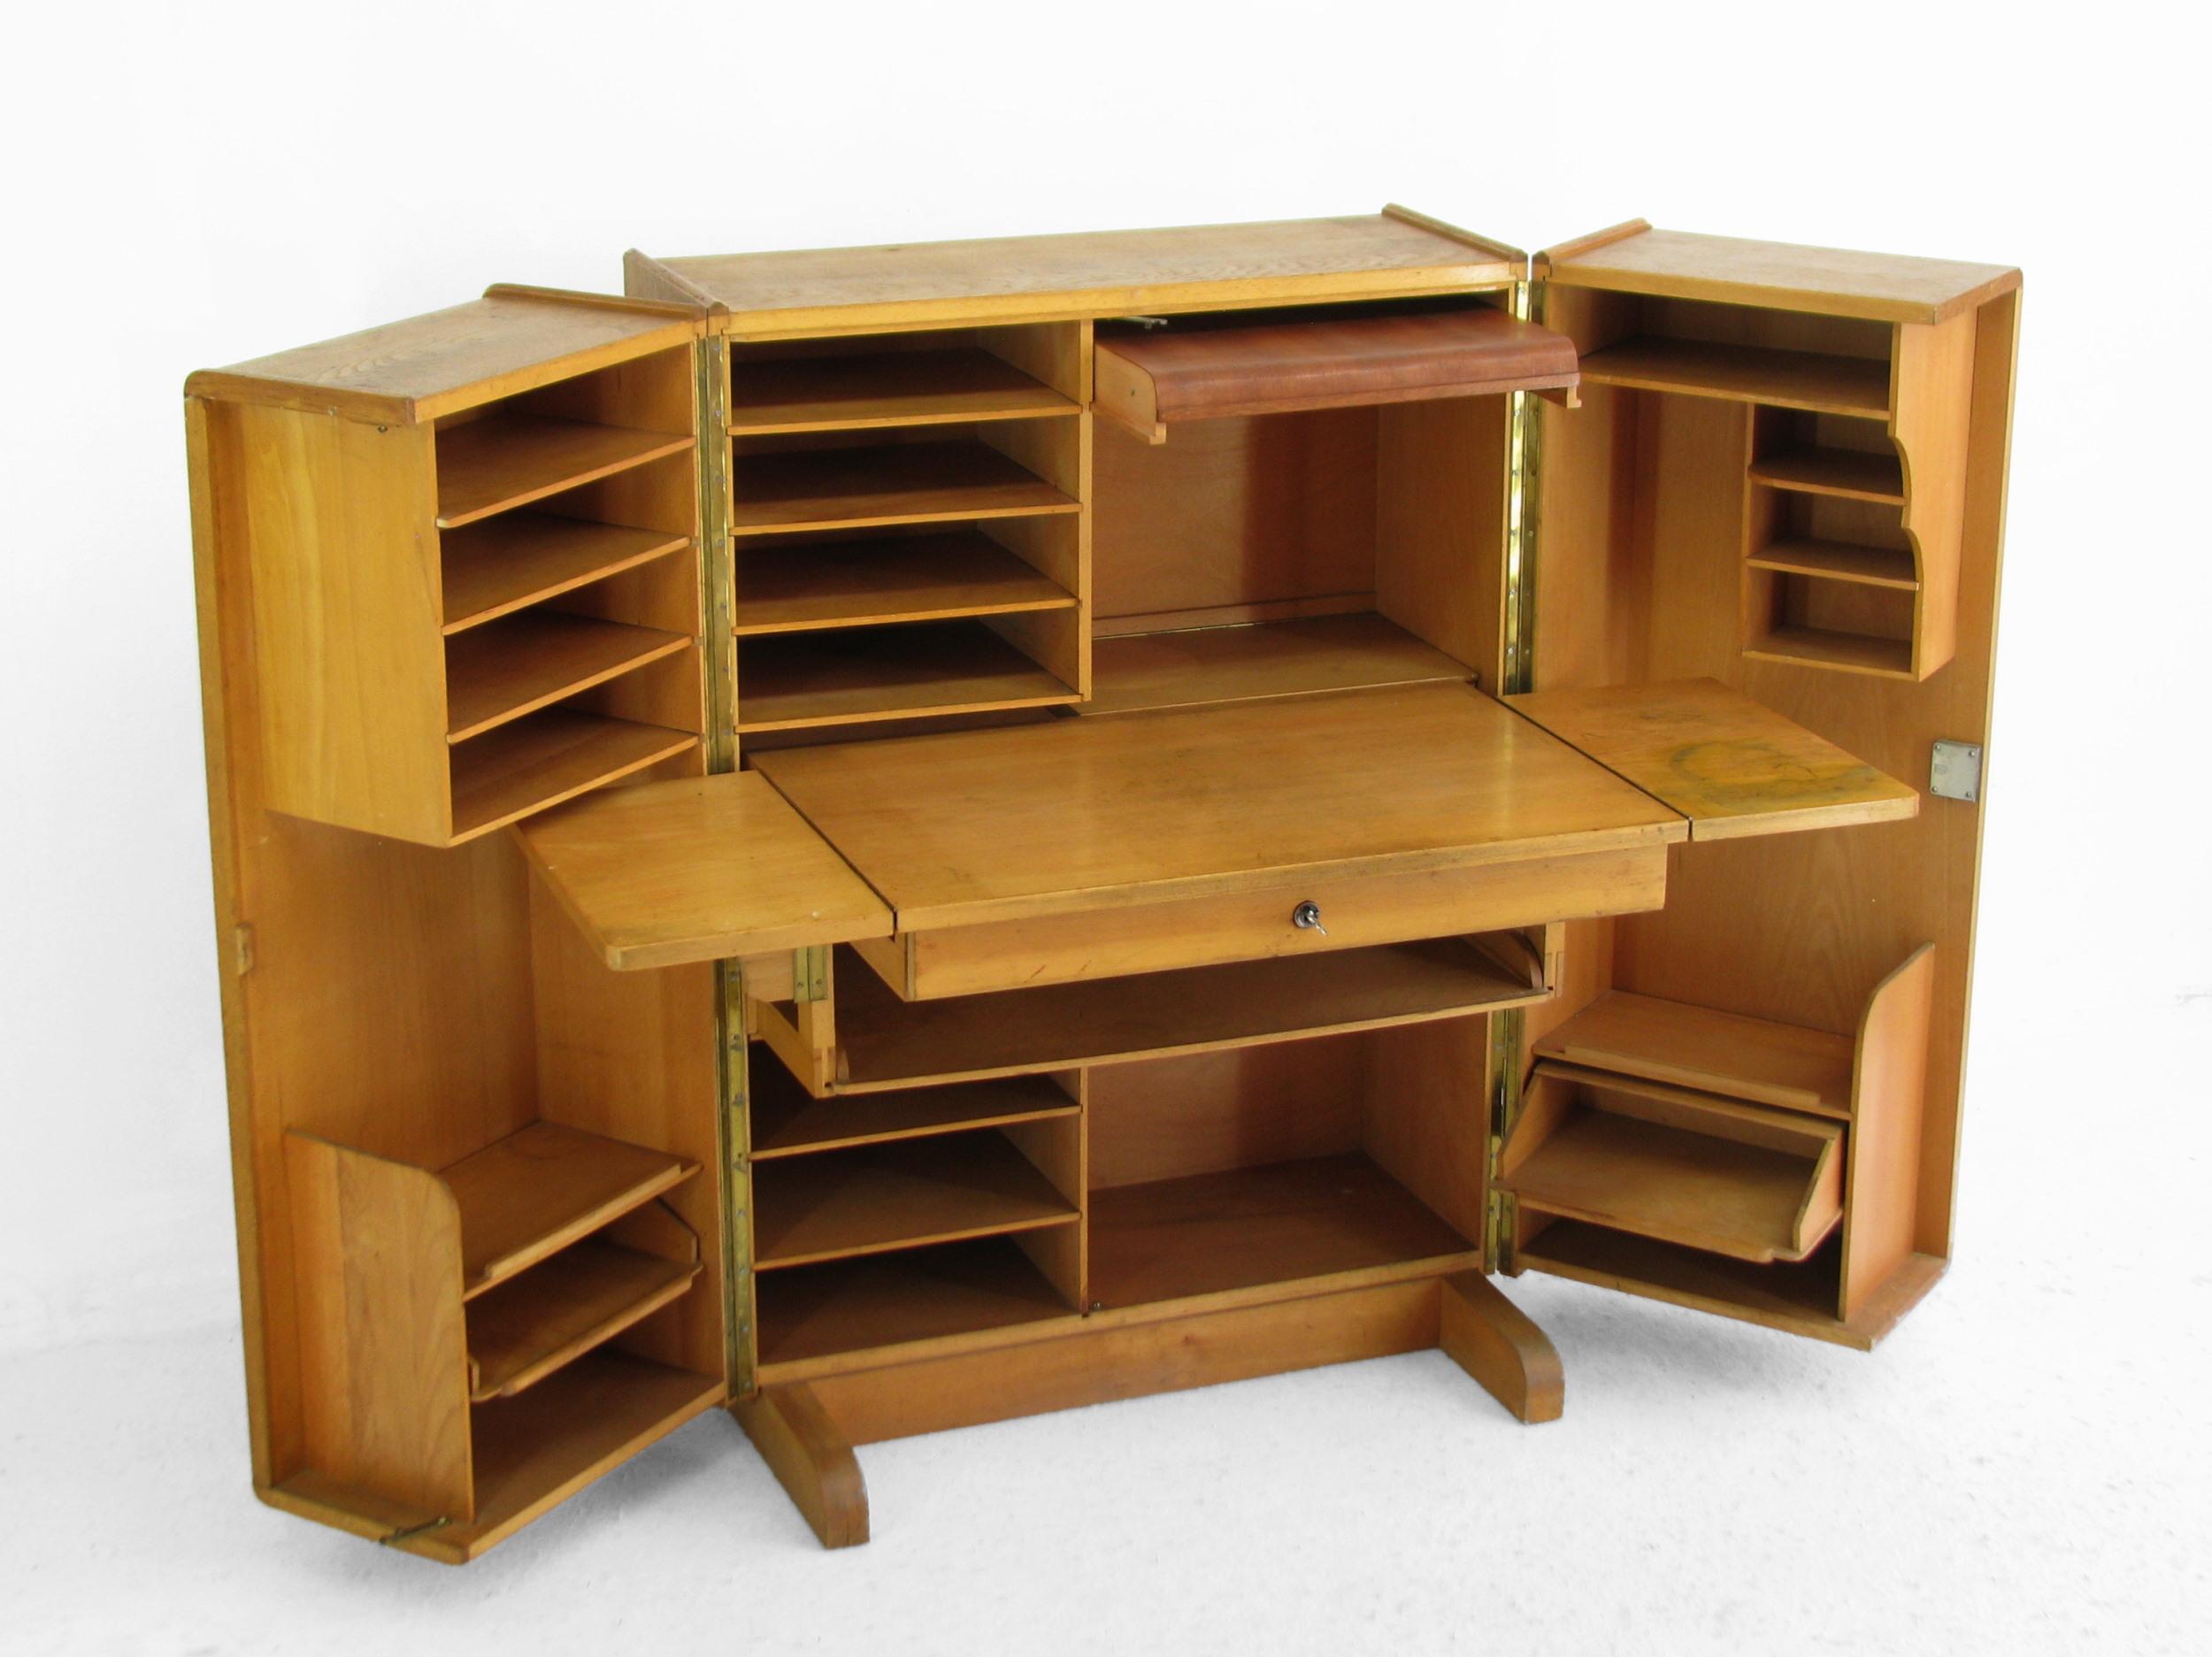 schrankb ro bauhaus kubus design hausb ro sekret r schreibtisch raumwunder 50er ebay. Black Bedroom Furniture Sets. Home Design Ideas